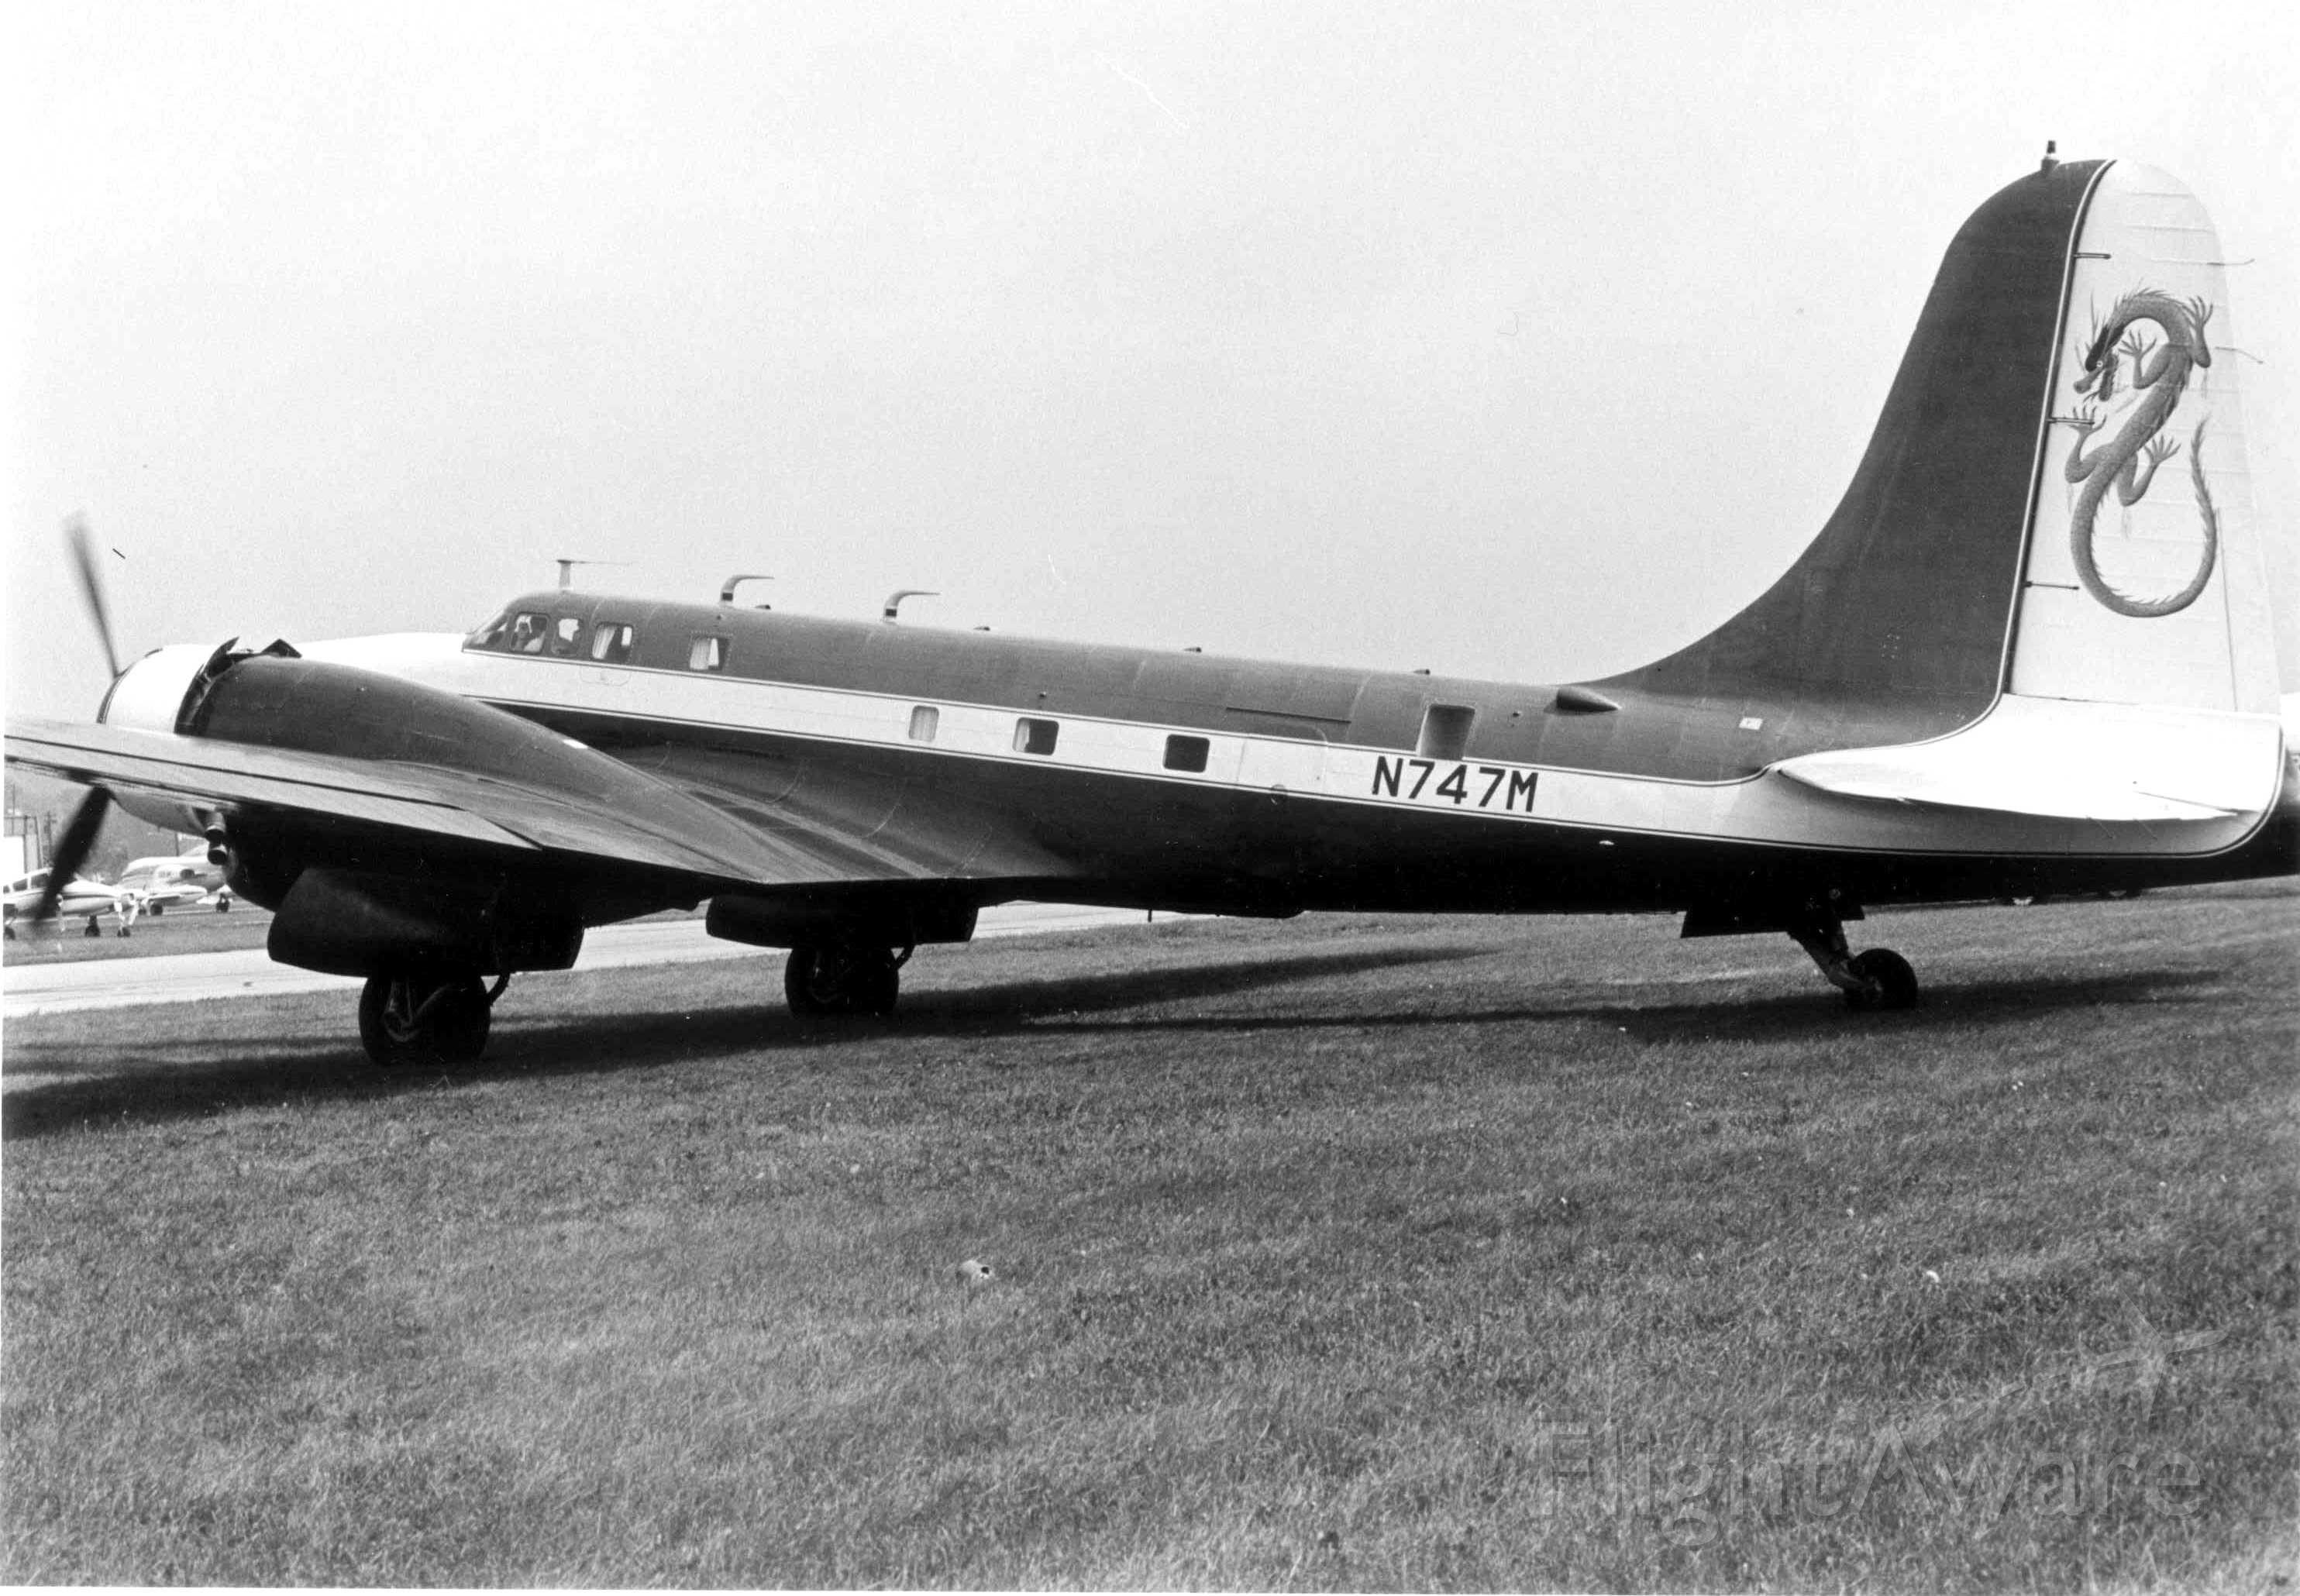 Douglas B-23 Dragon (N747M) - Blue Dragon